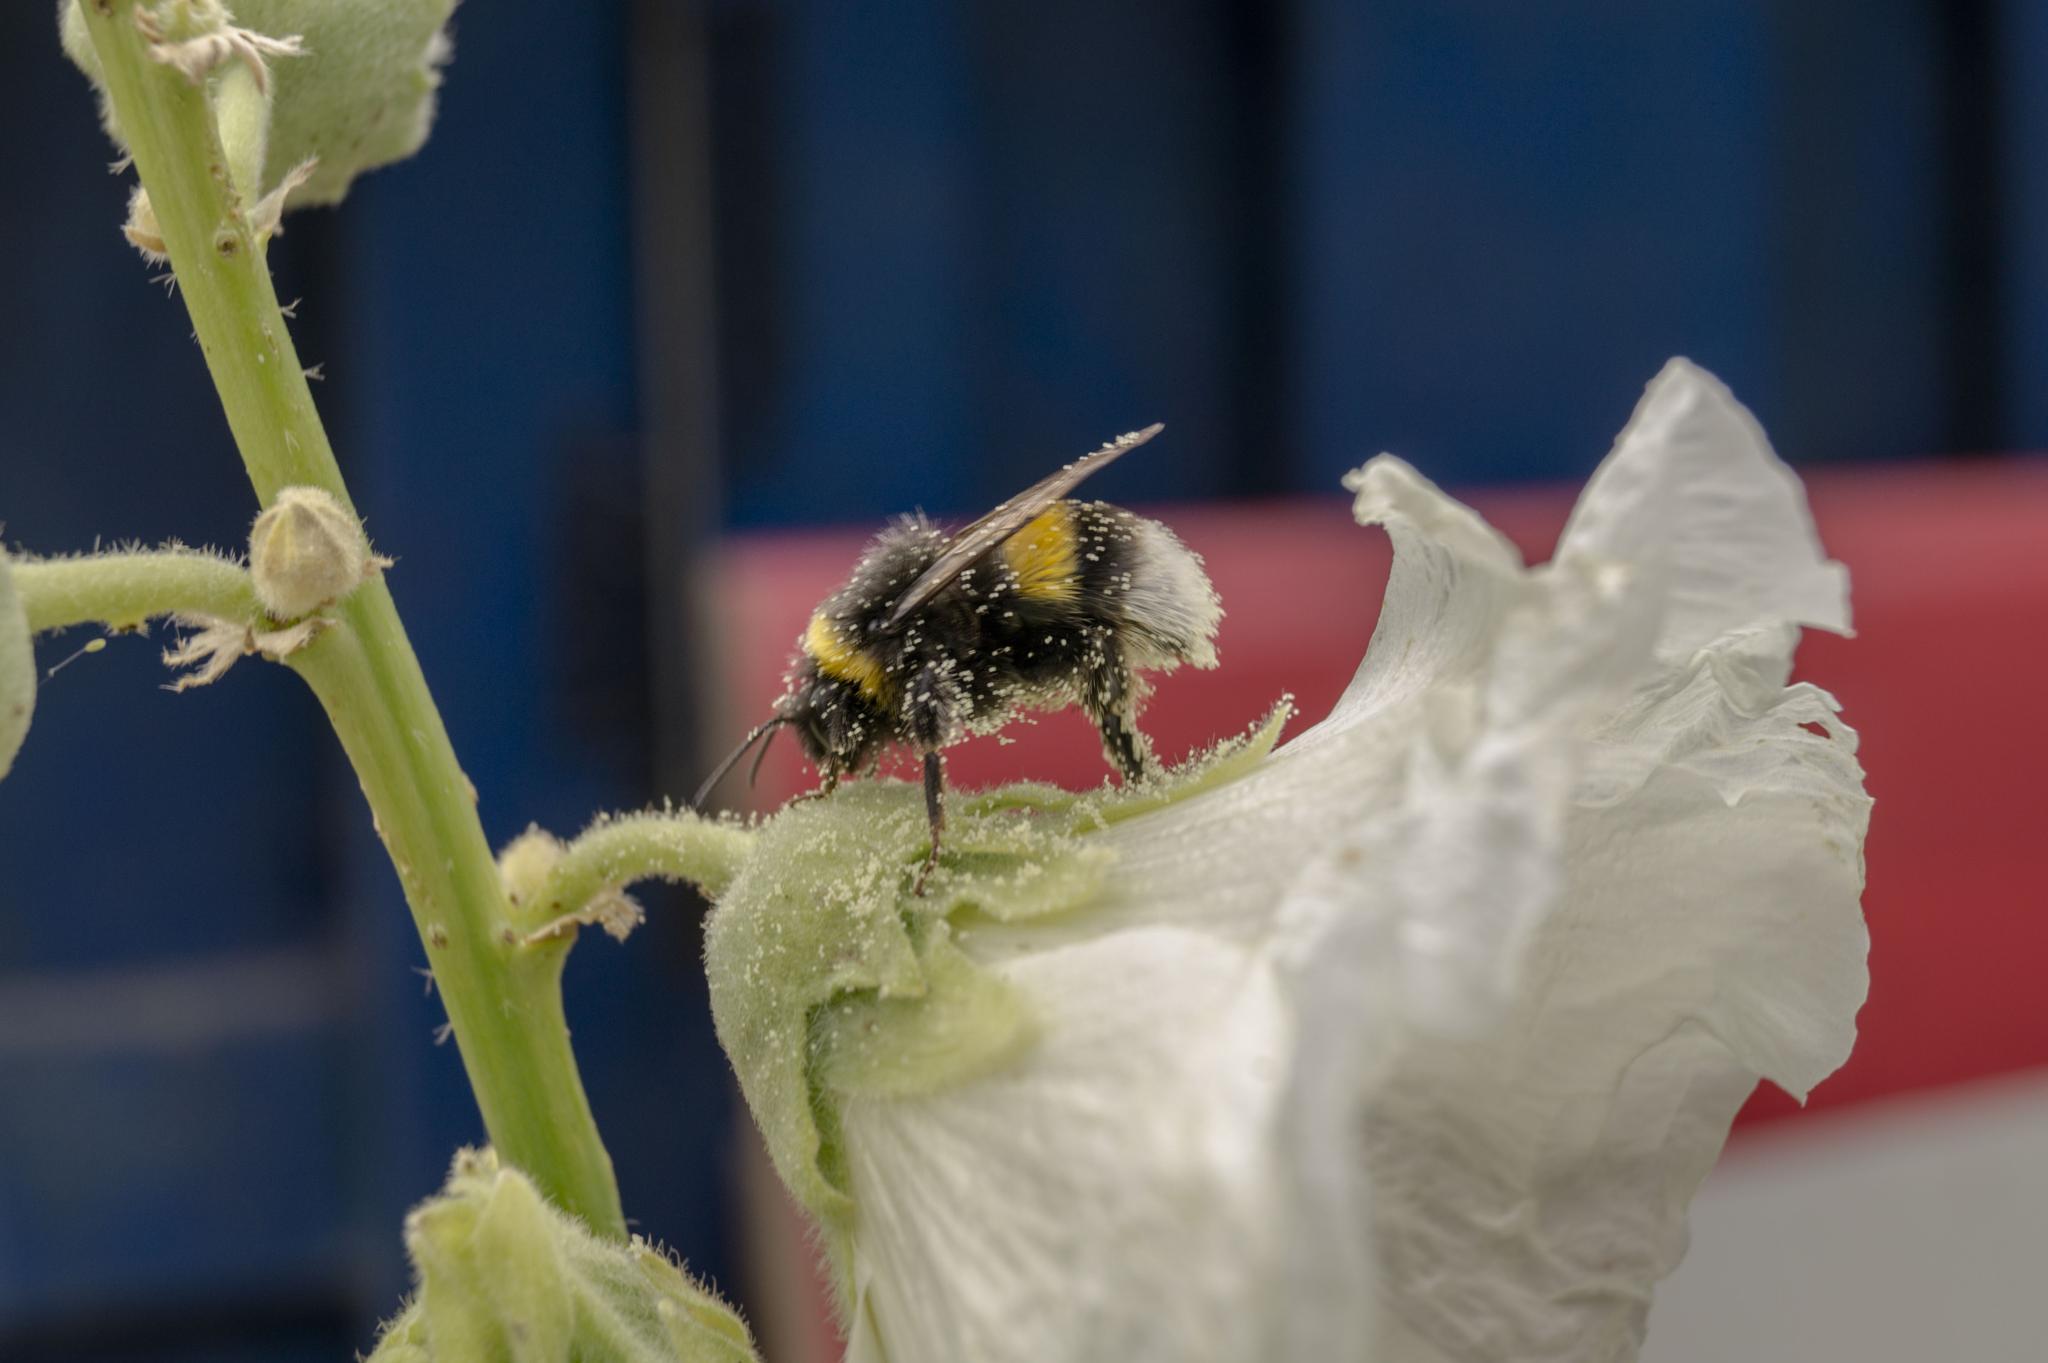 Bumblebee on Alcea rosea with pollen by Roelof de Haan